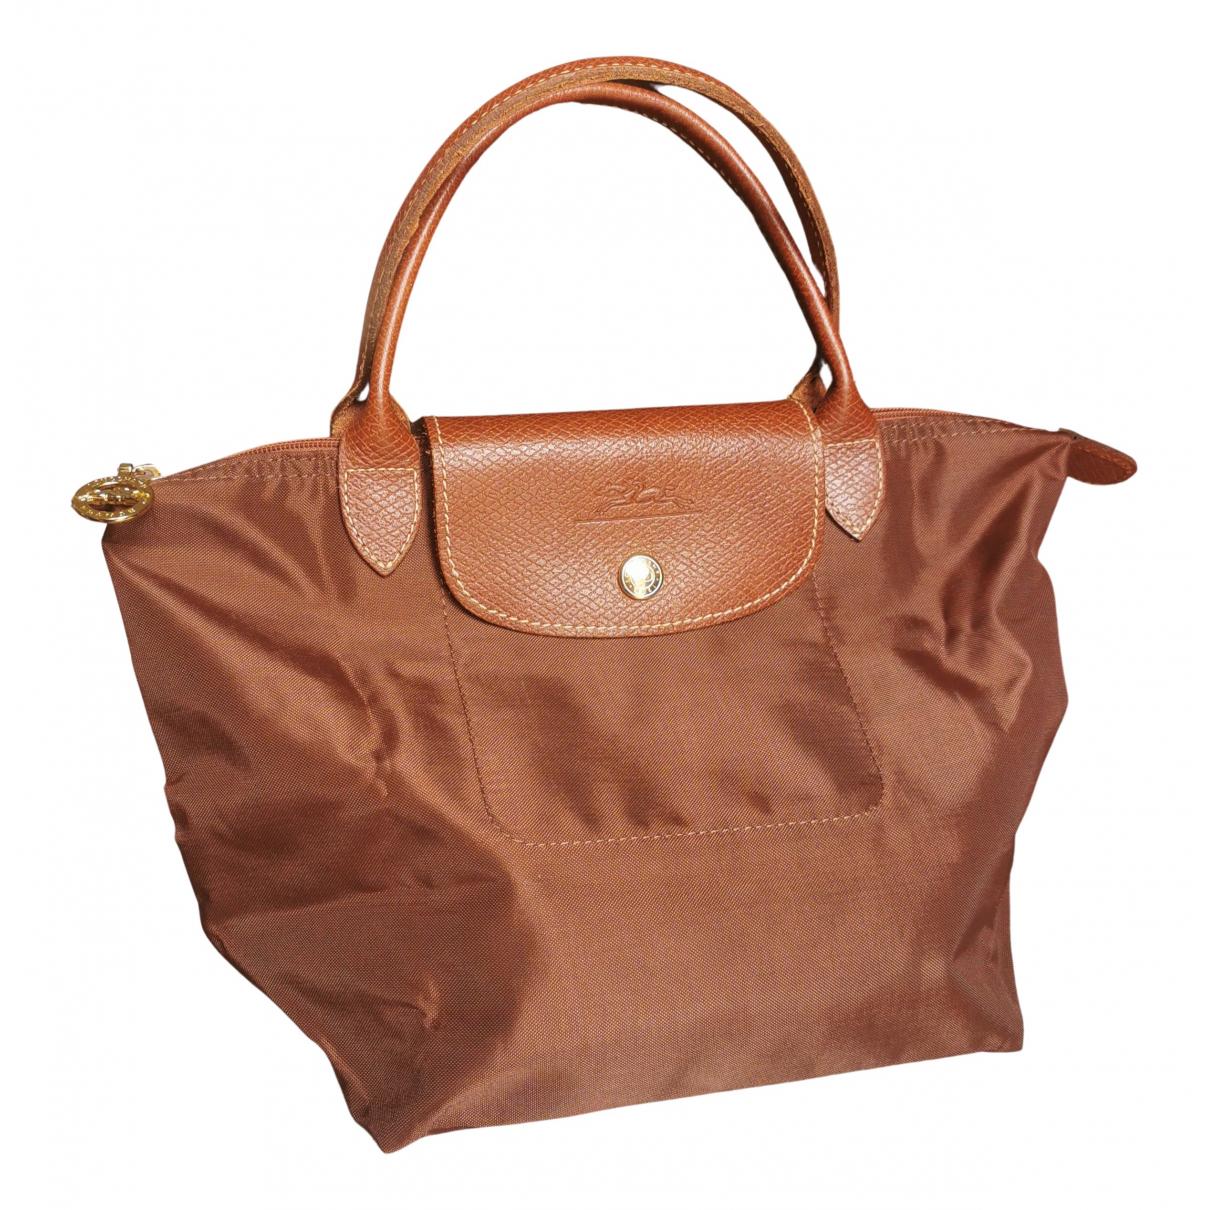 Longchamp - Sac a main Pliage  pour femme en toile - camel